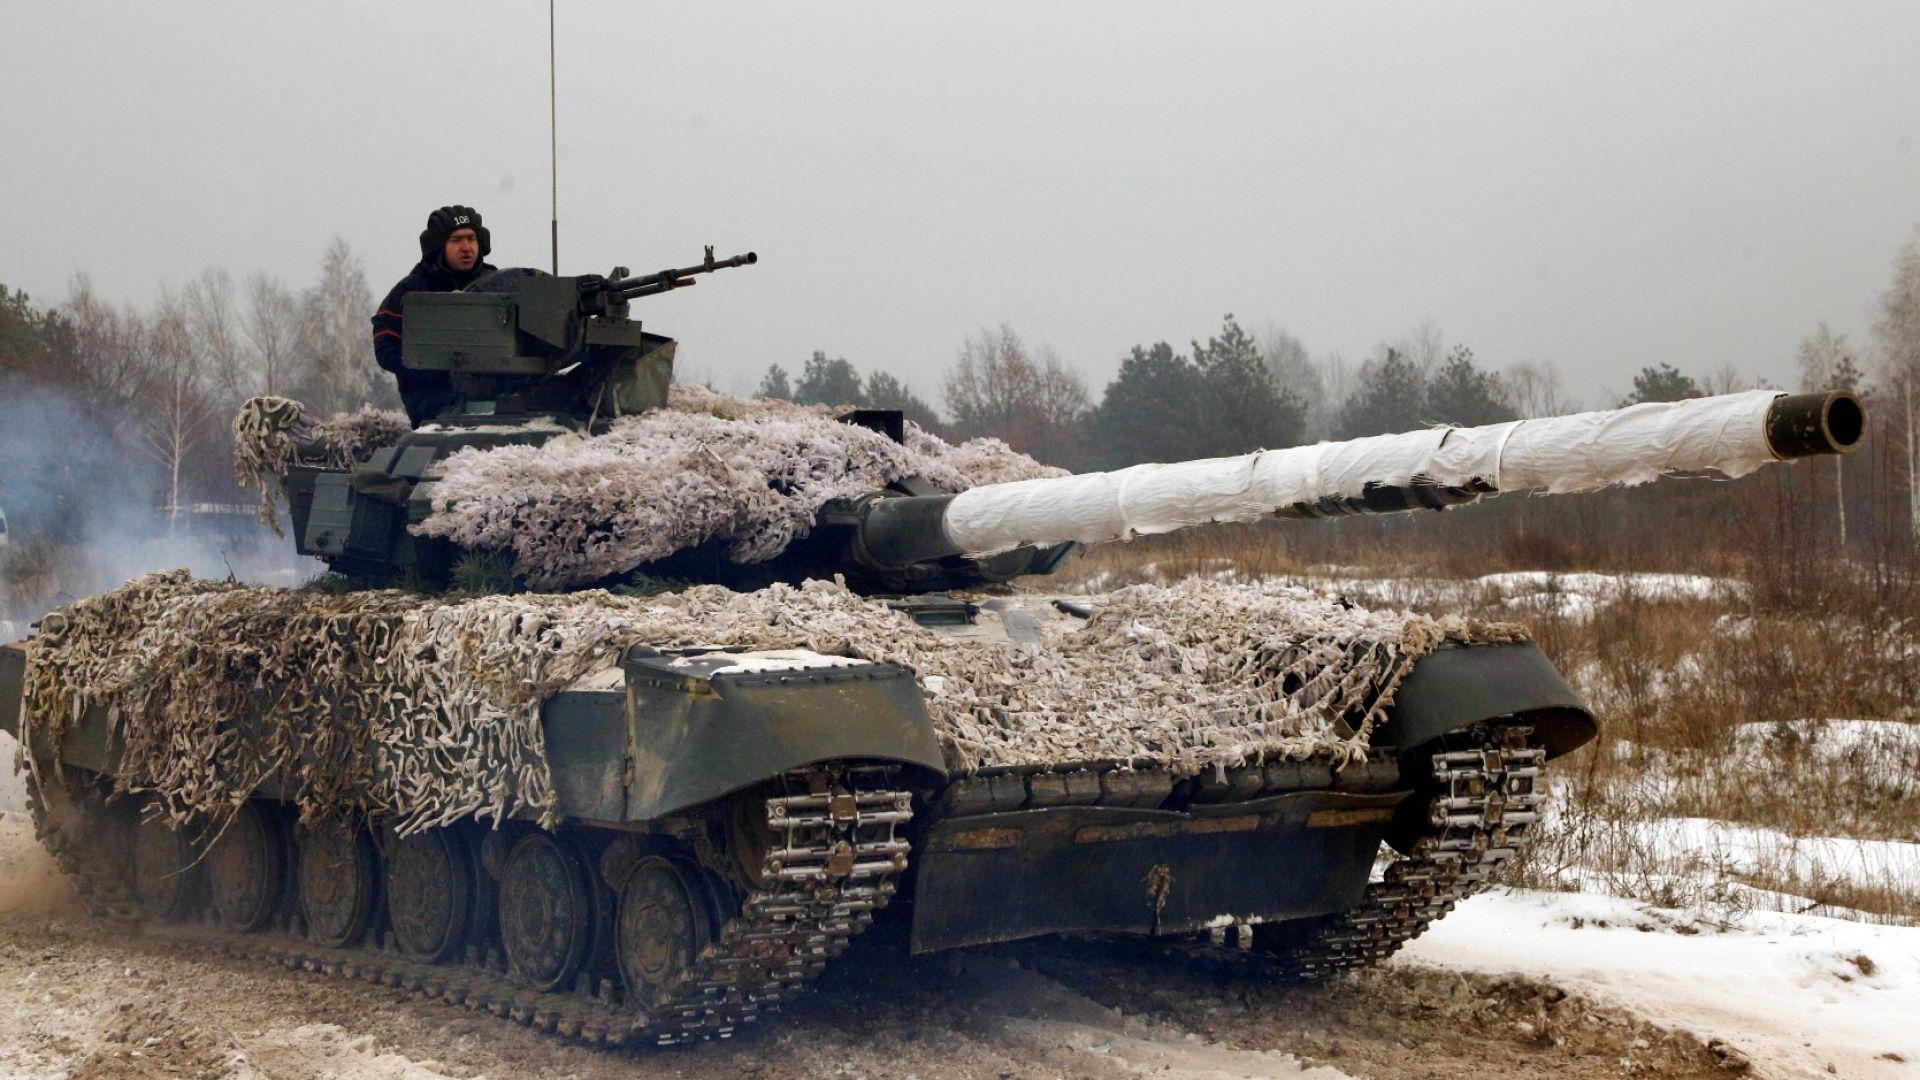 Репортаж: Животът в гранично село замира заради конфликта между Русия и Украйна